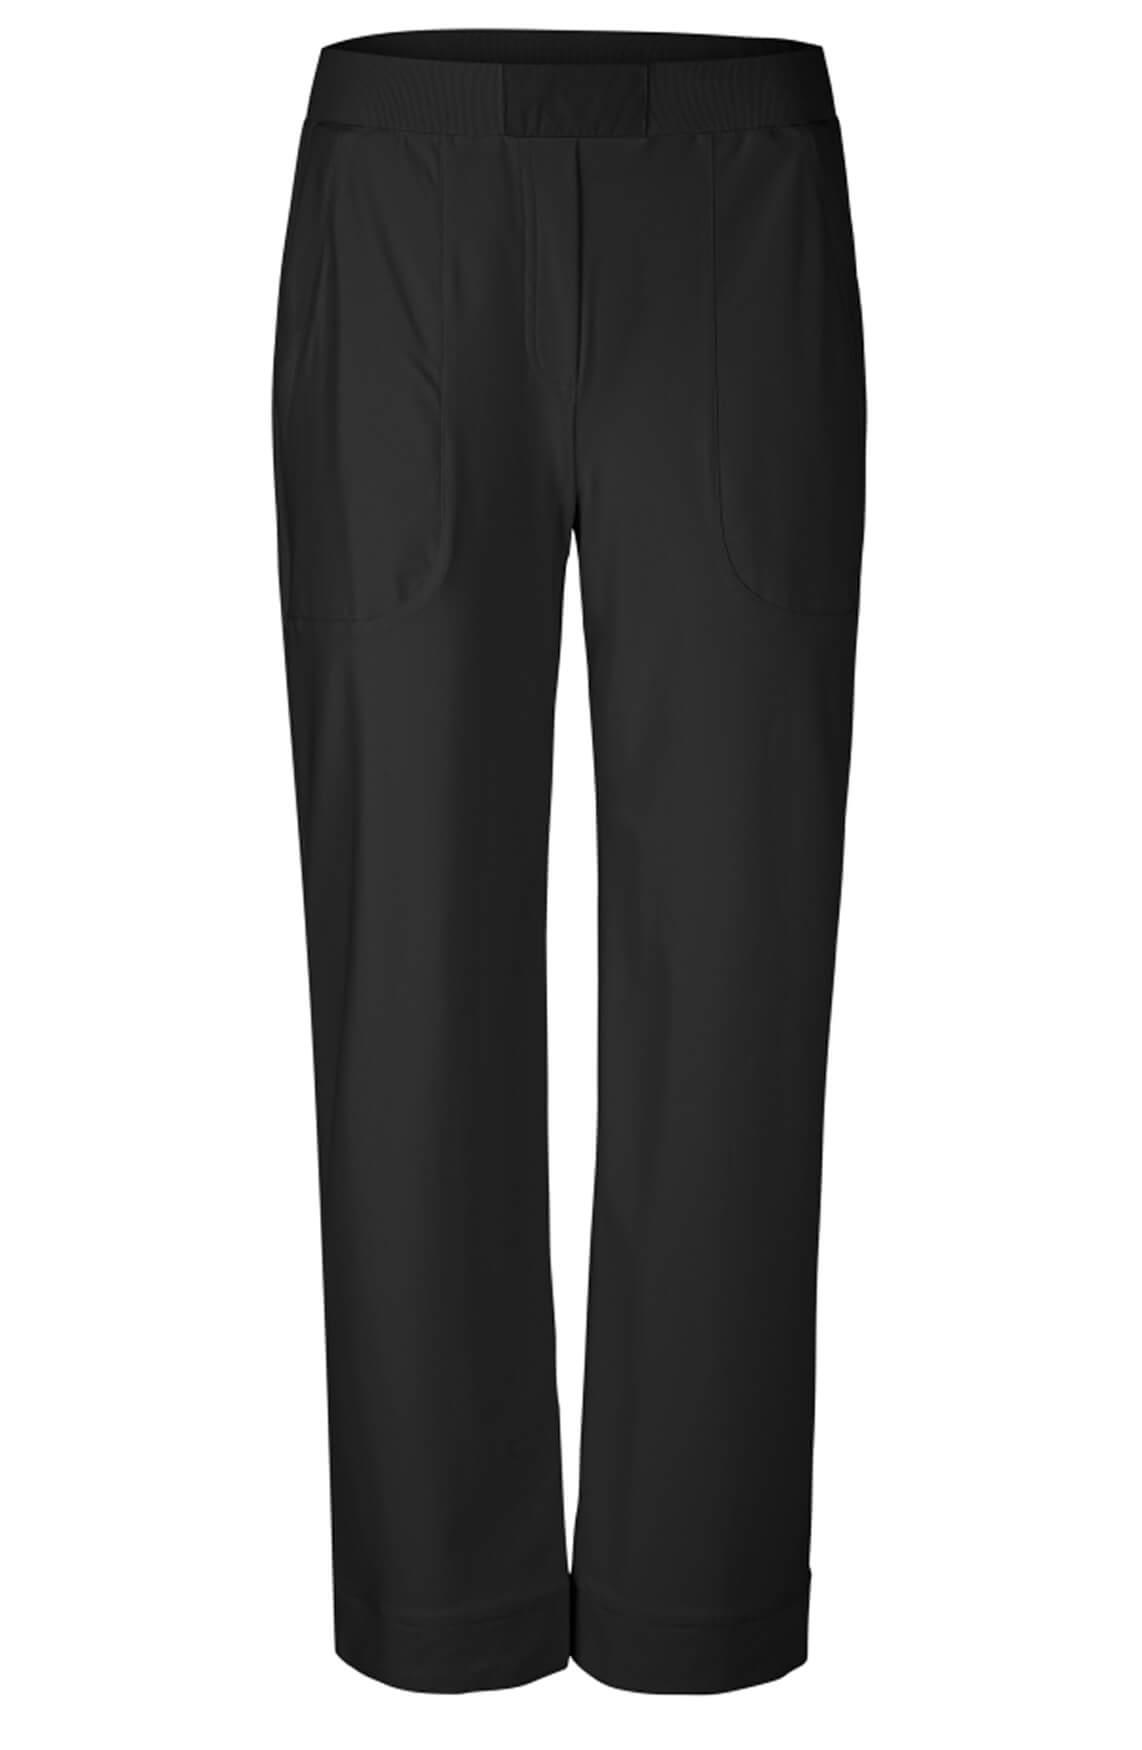 Marccain Sports Dames Enkellange pantalon Zwart